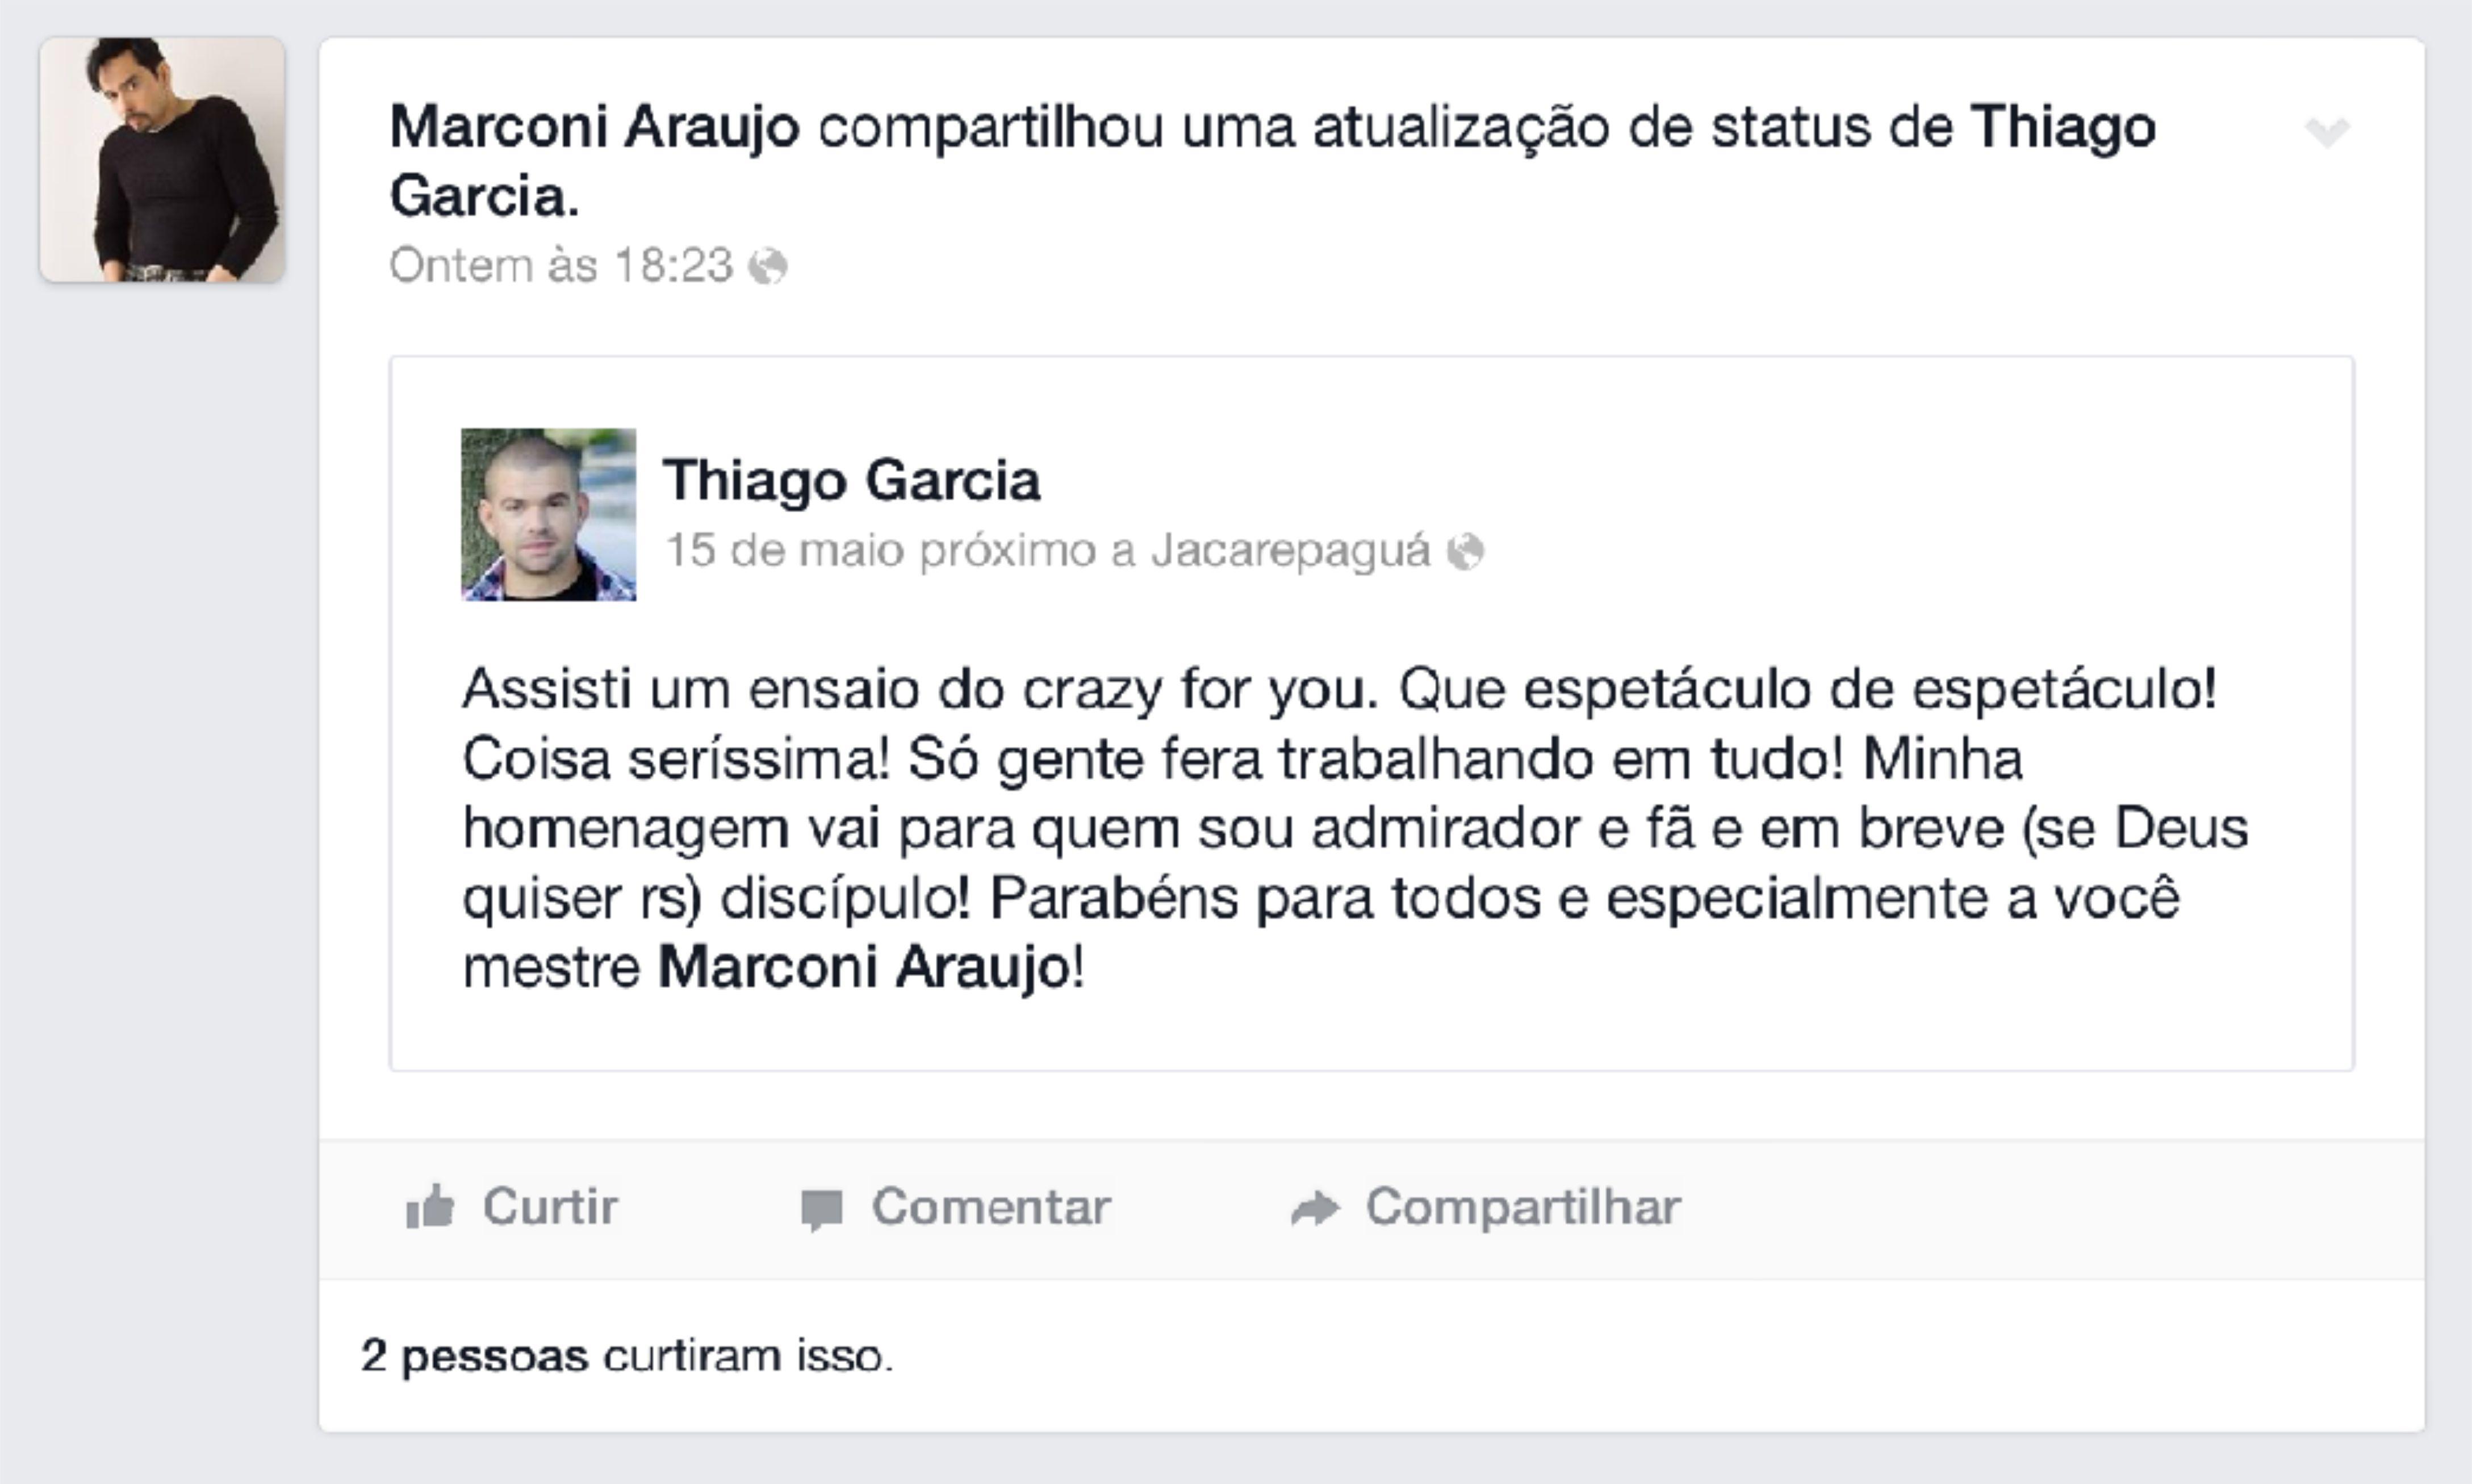 Thiago Garcia